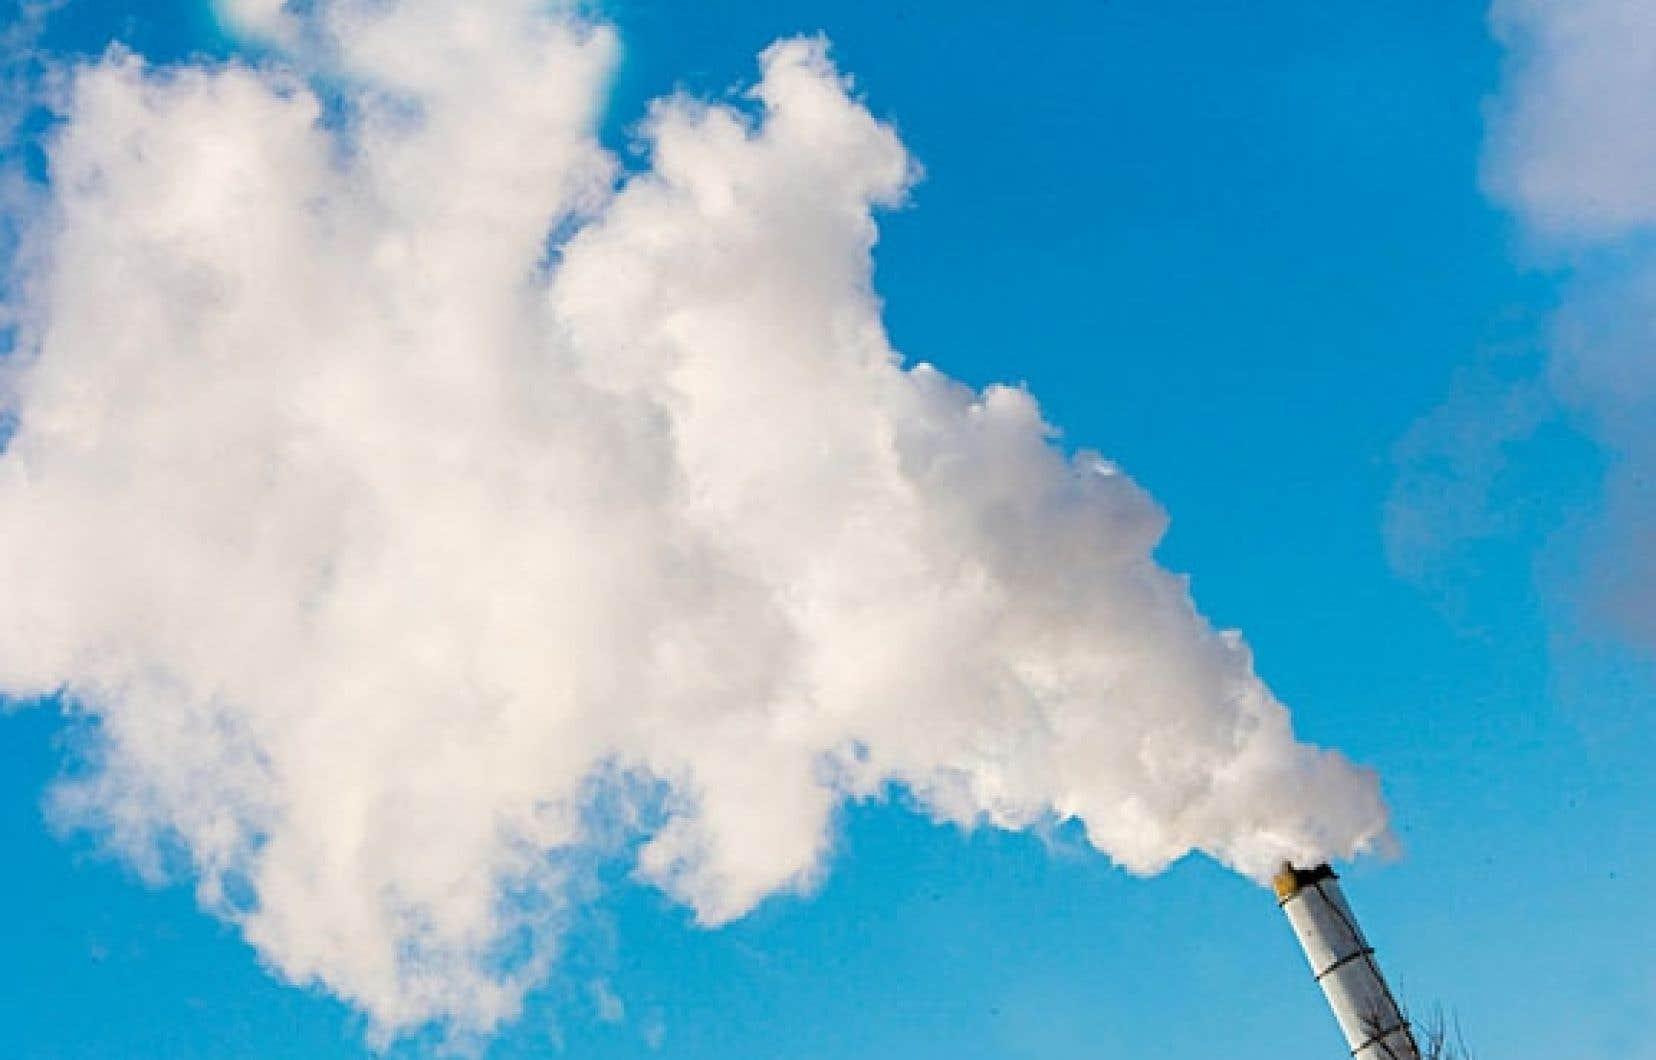 Le plafond d'émissions de gaz à effet de serre a été fixé par Québec à 23,2 millions de tonnes en 2013.